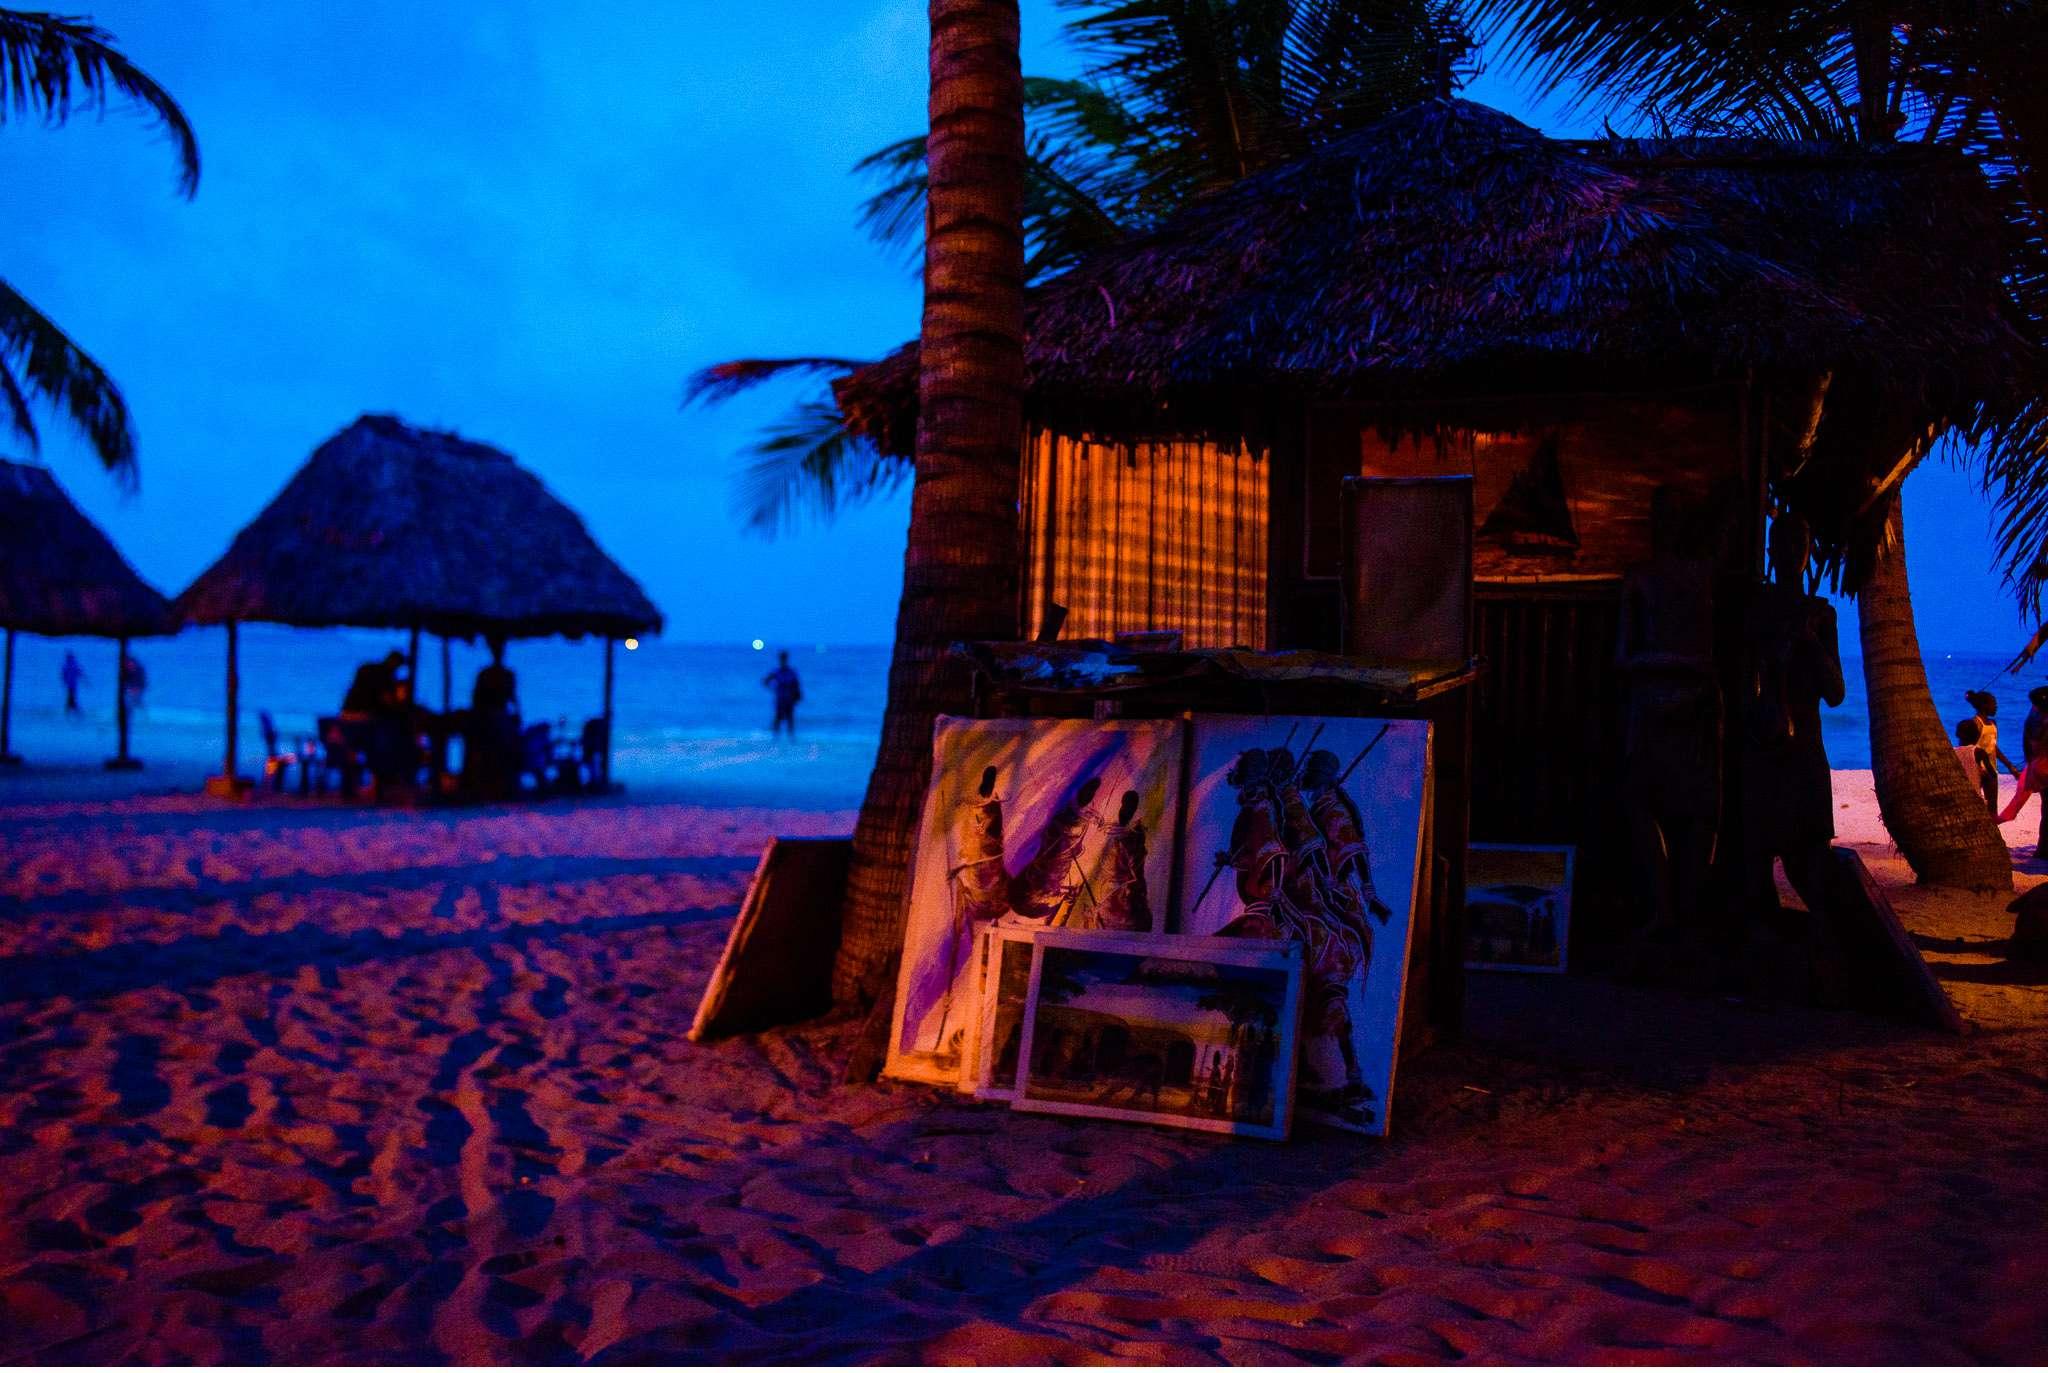 Malawi-Quer durch Afrika- Geschichten von unterwegs by Marion and Daniel-126